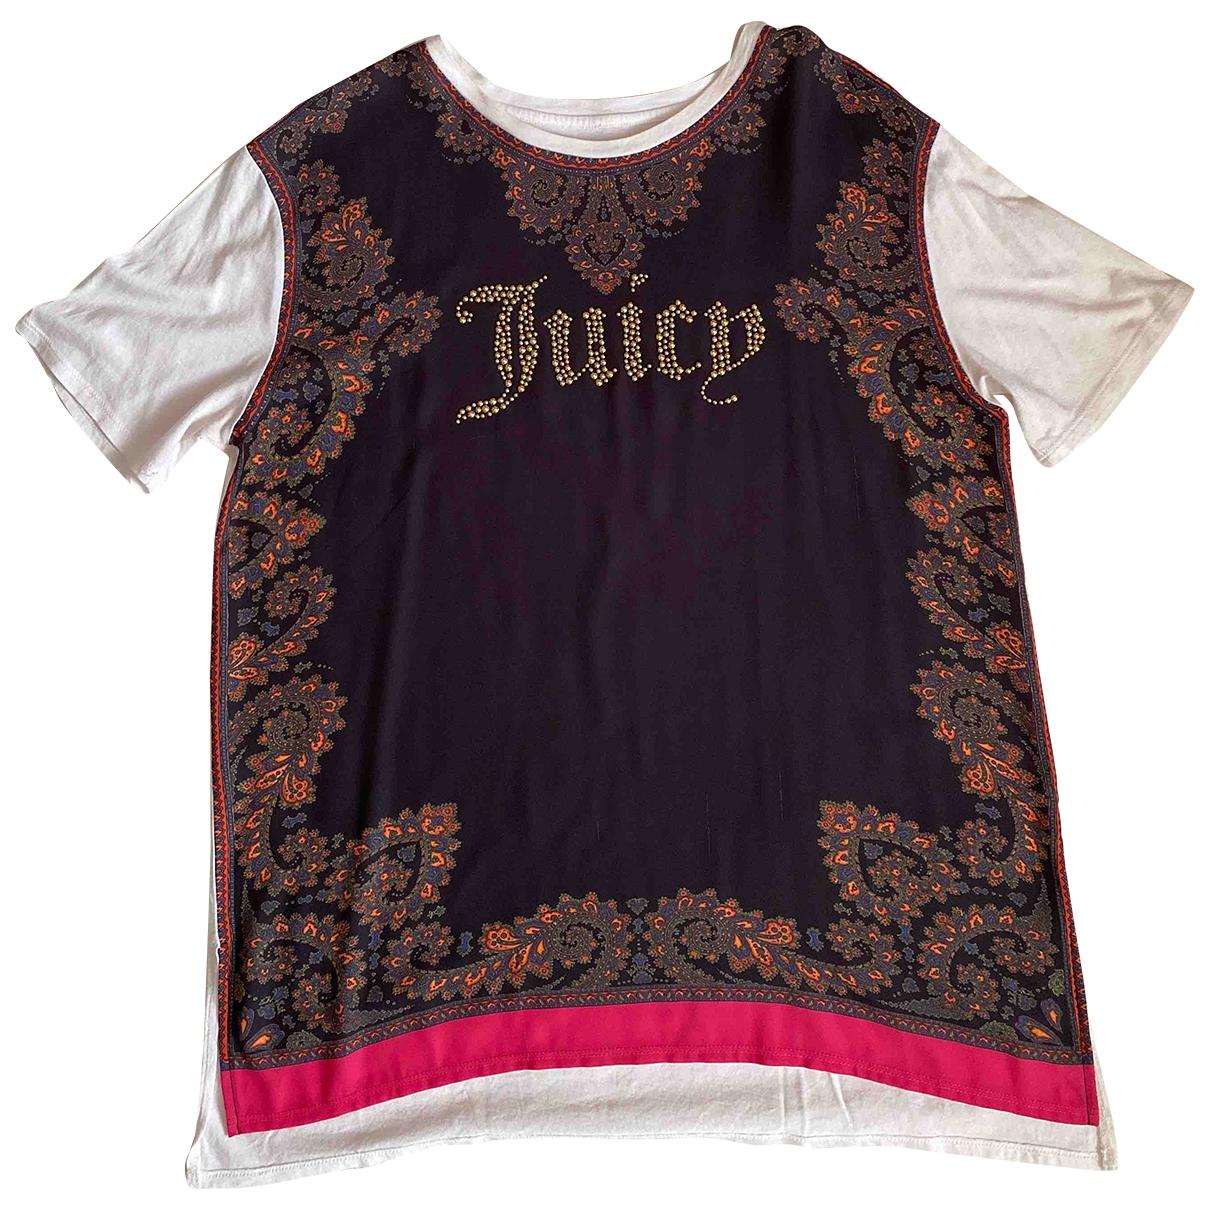 Juicy Couture - Top   pour femme - multicolore